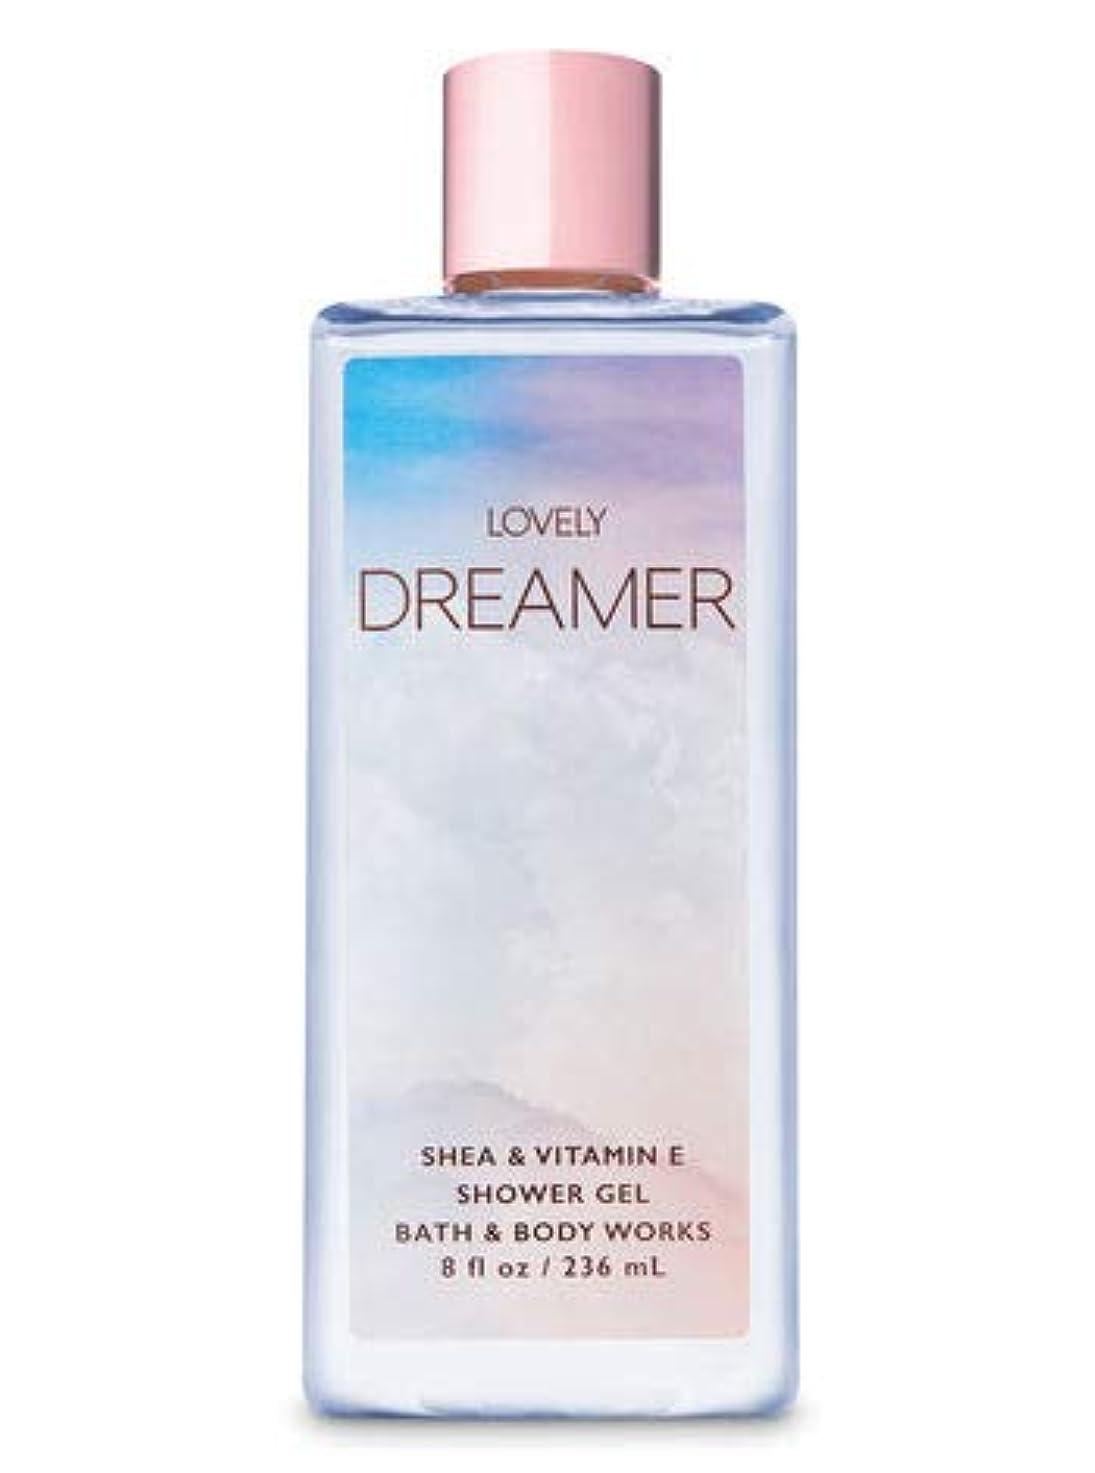 意義引き出すトチの実の木【Bath&Body Works/バス&ボディワークス】 シャワージェル ラブリードリーマー Shower Gel Lovely Dreamer 10 fl oz / 295 mL [並行輸入品]